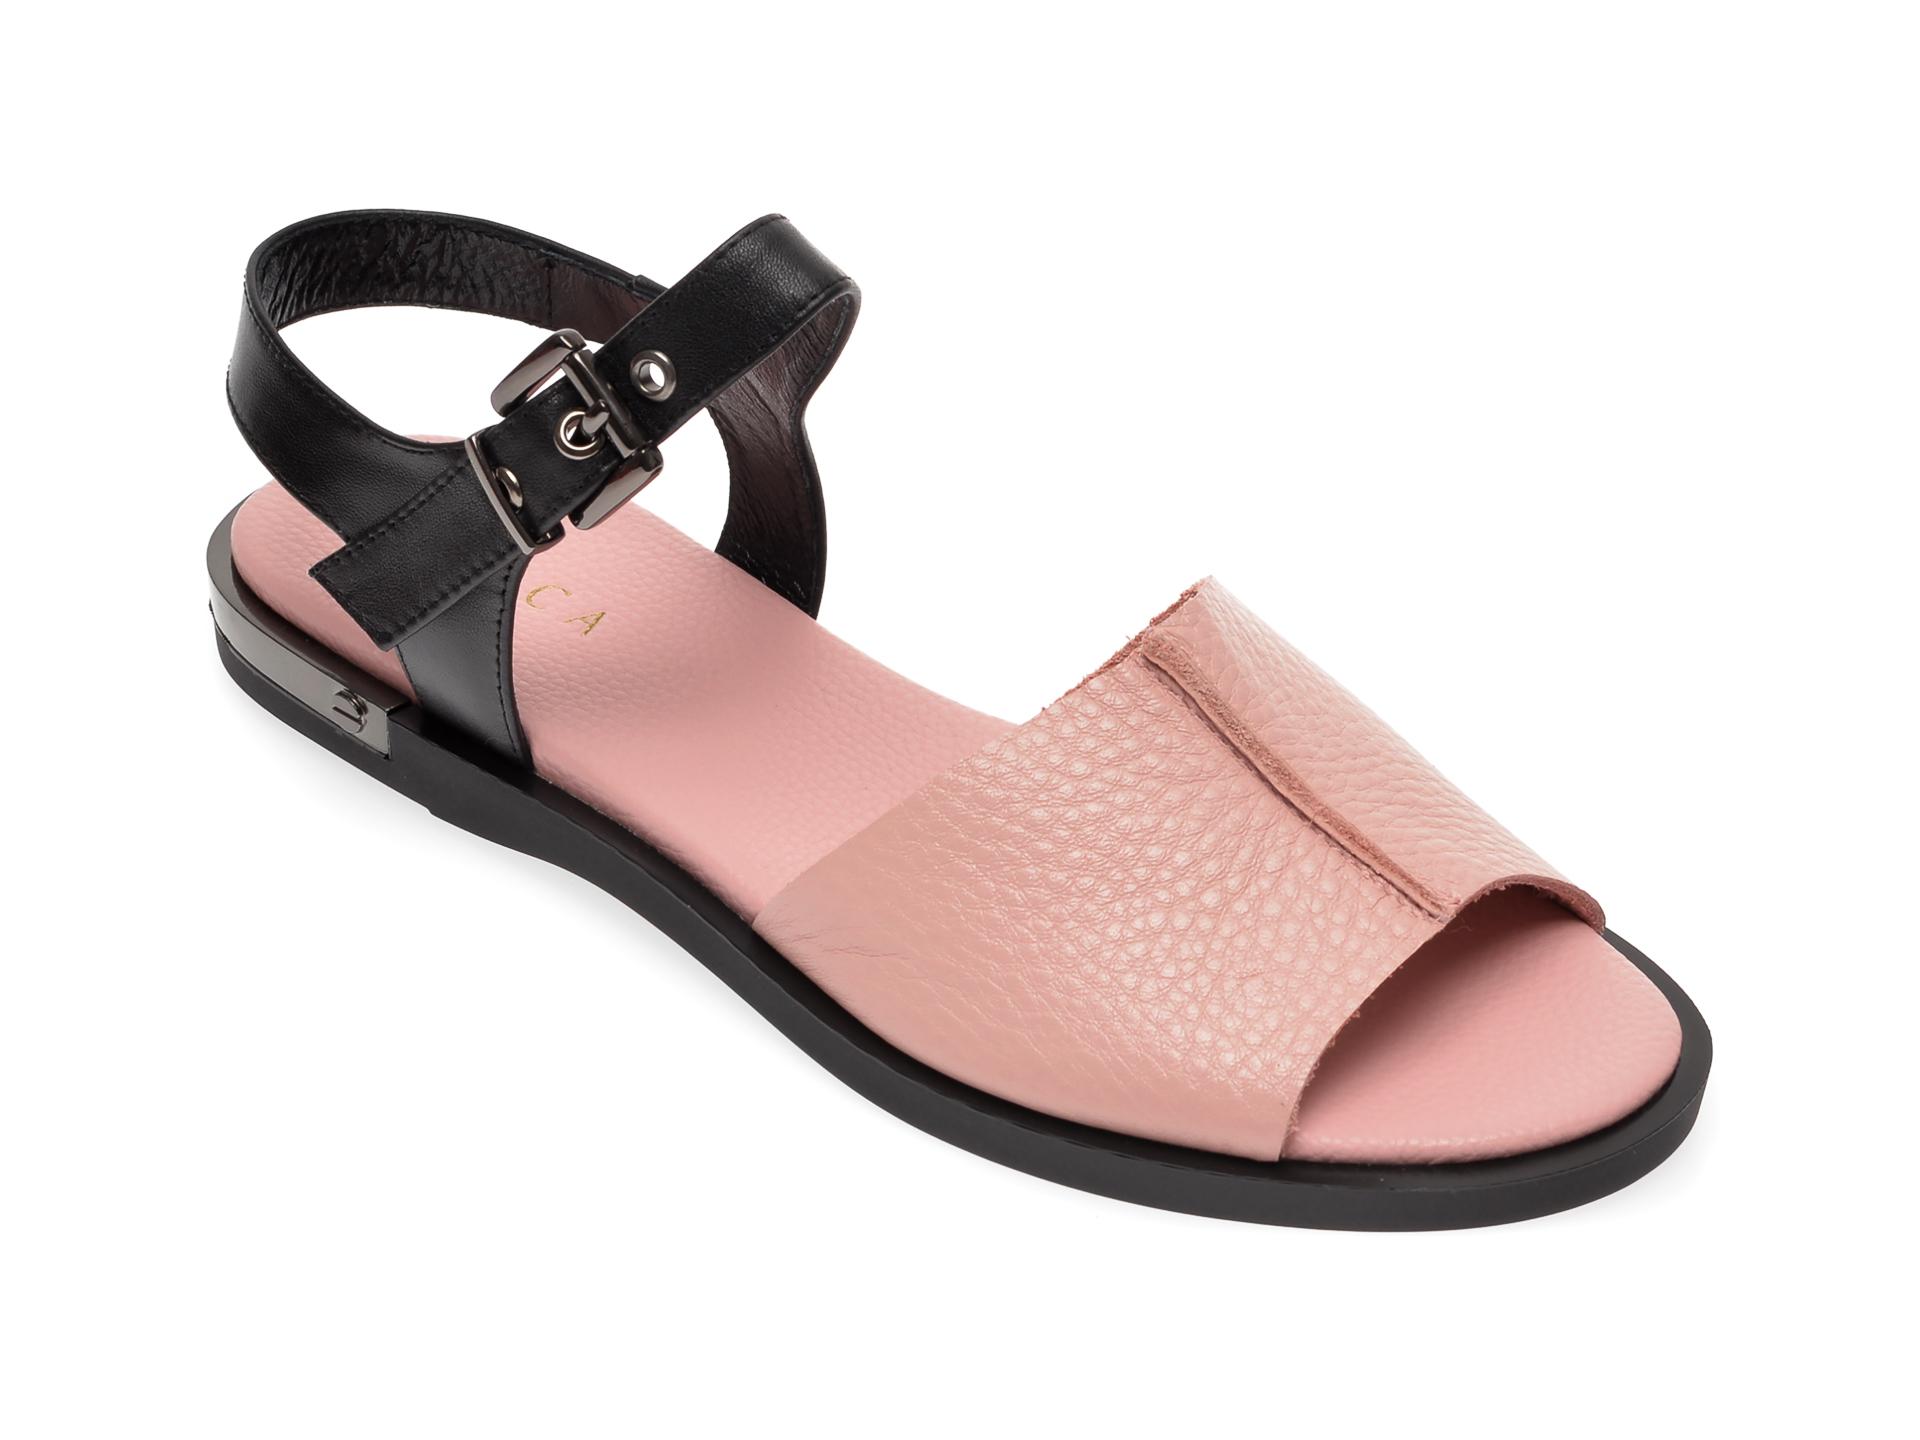 Sandale EPICA roz, CL027E0, din piele naturala